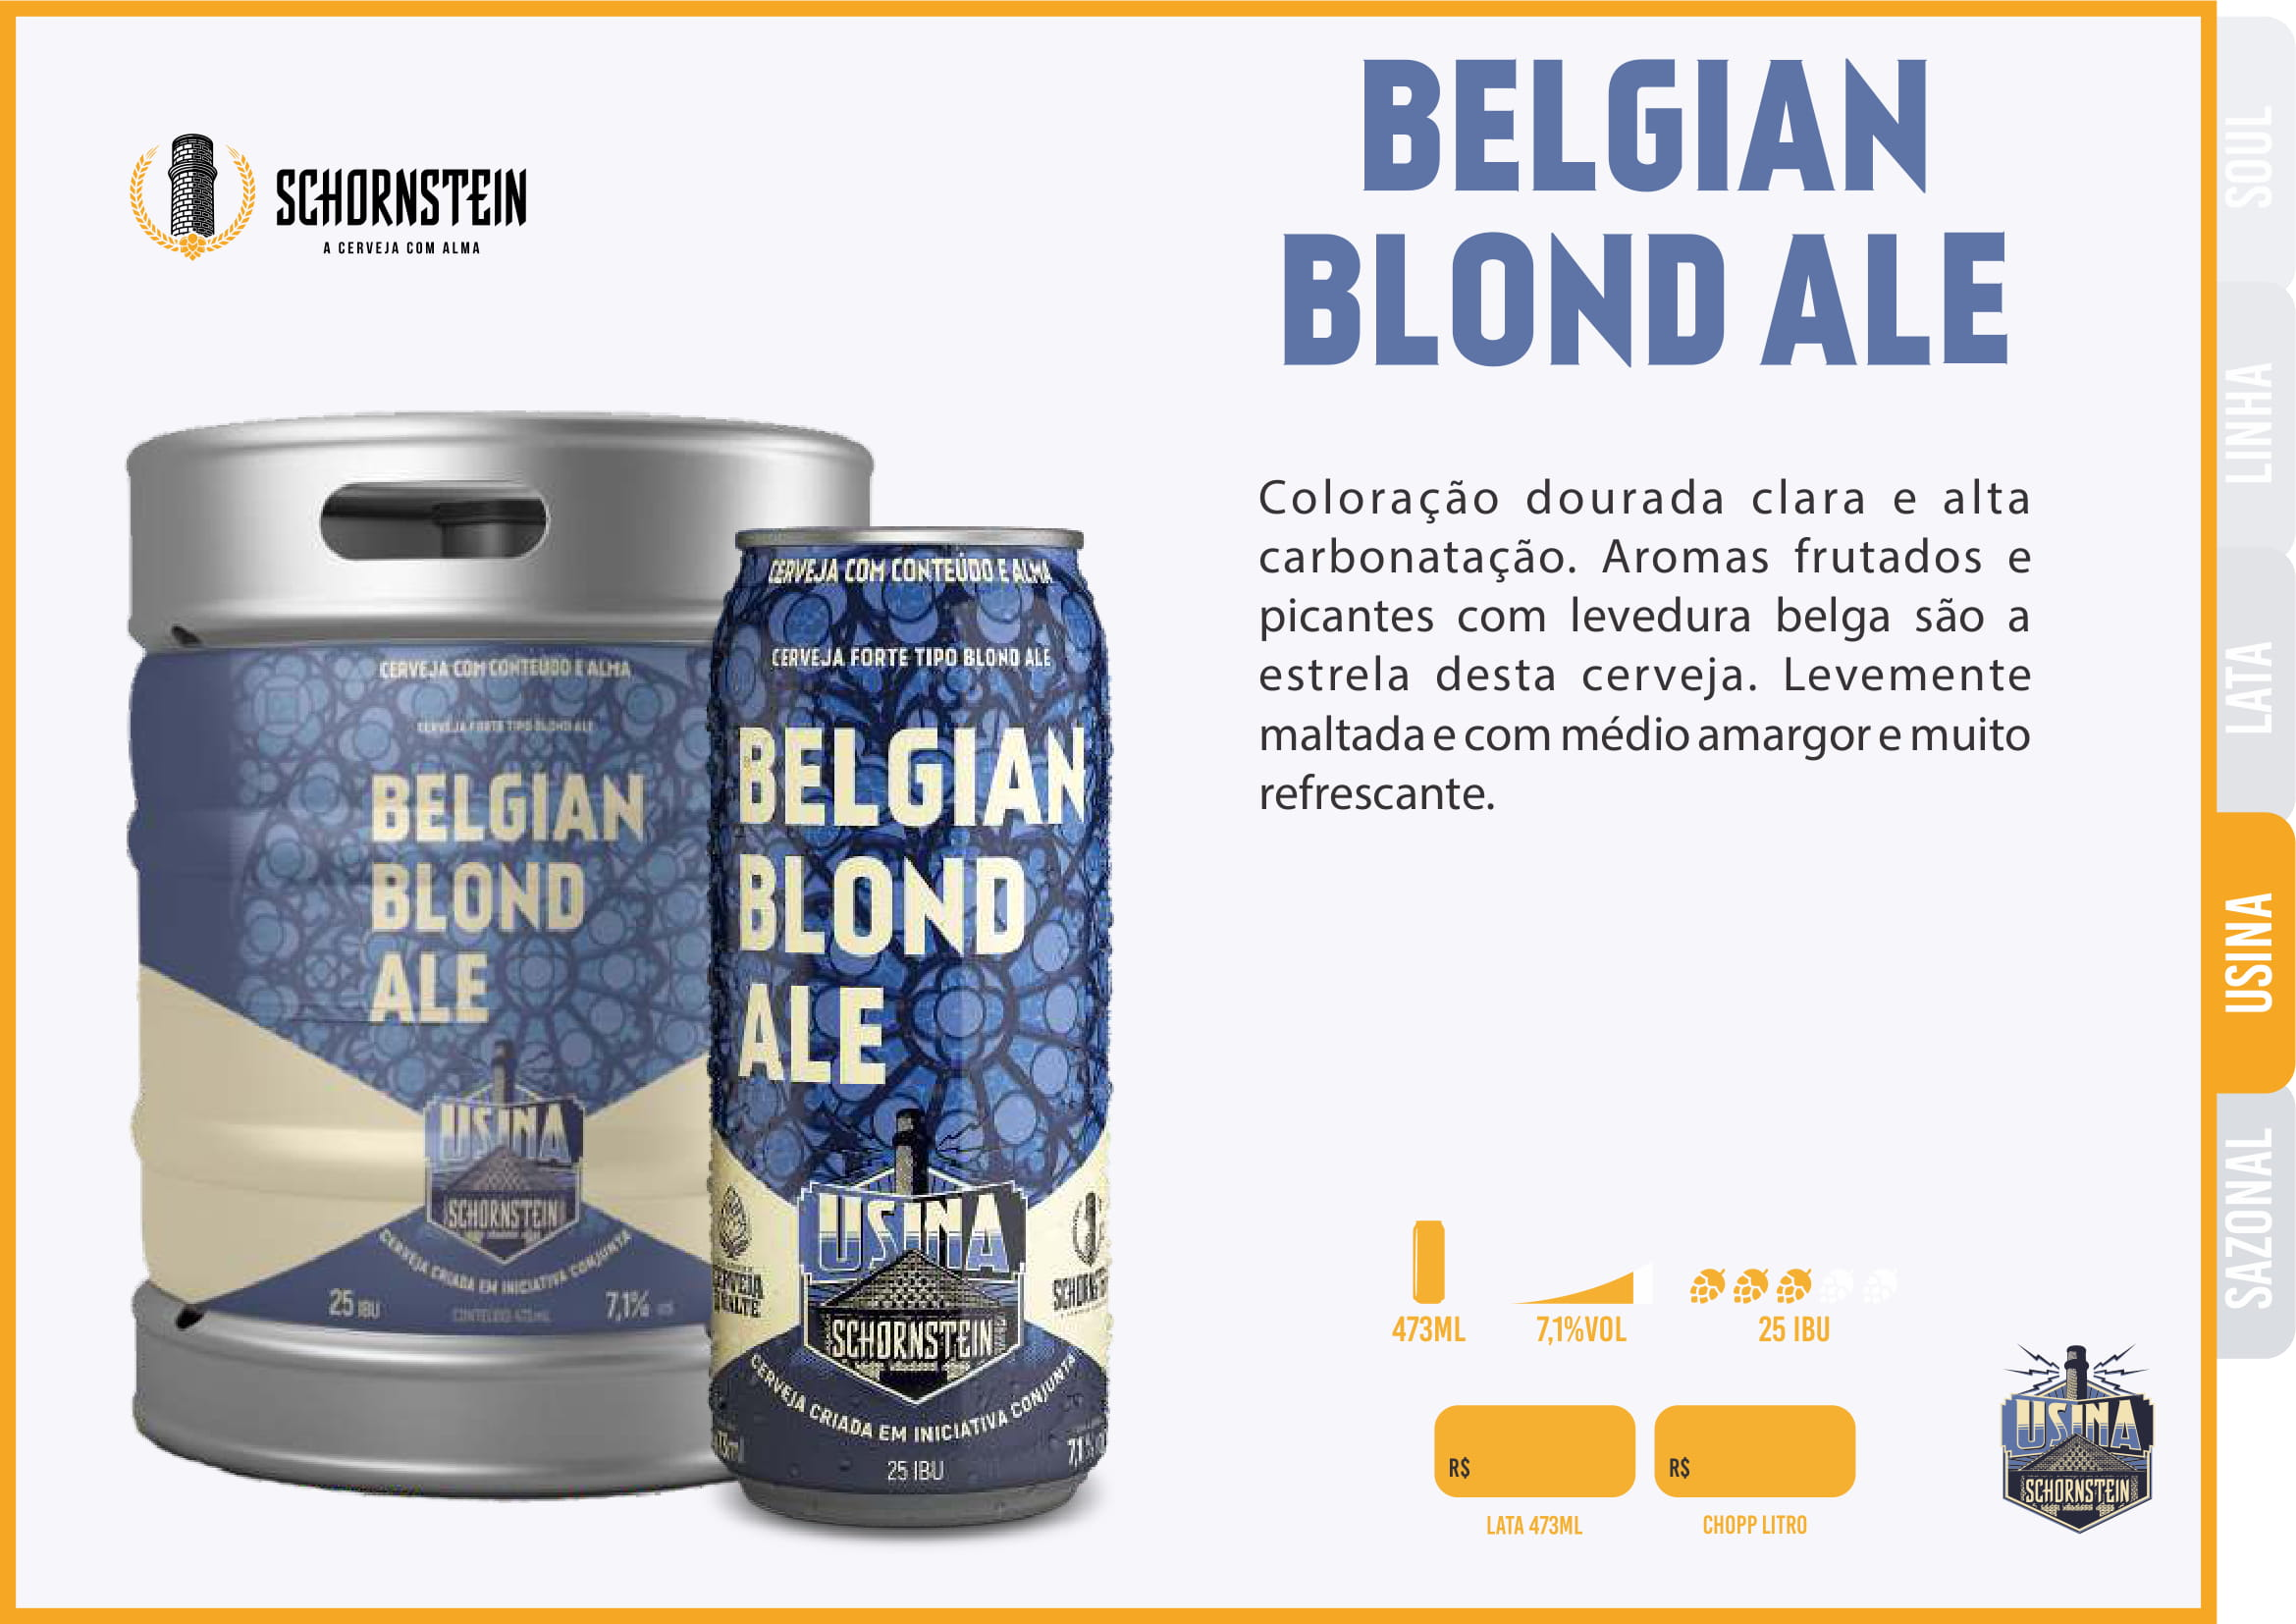 Schornstein Belgian Blond ALE